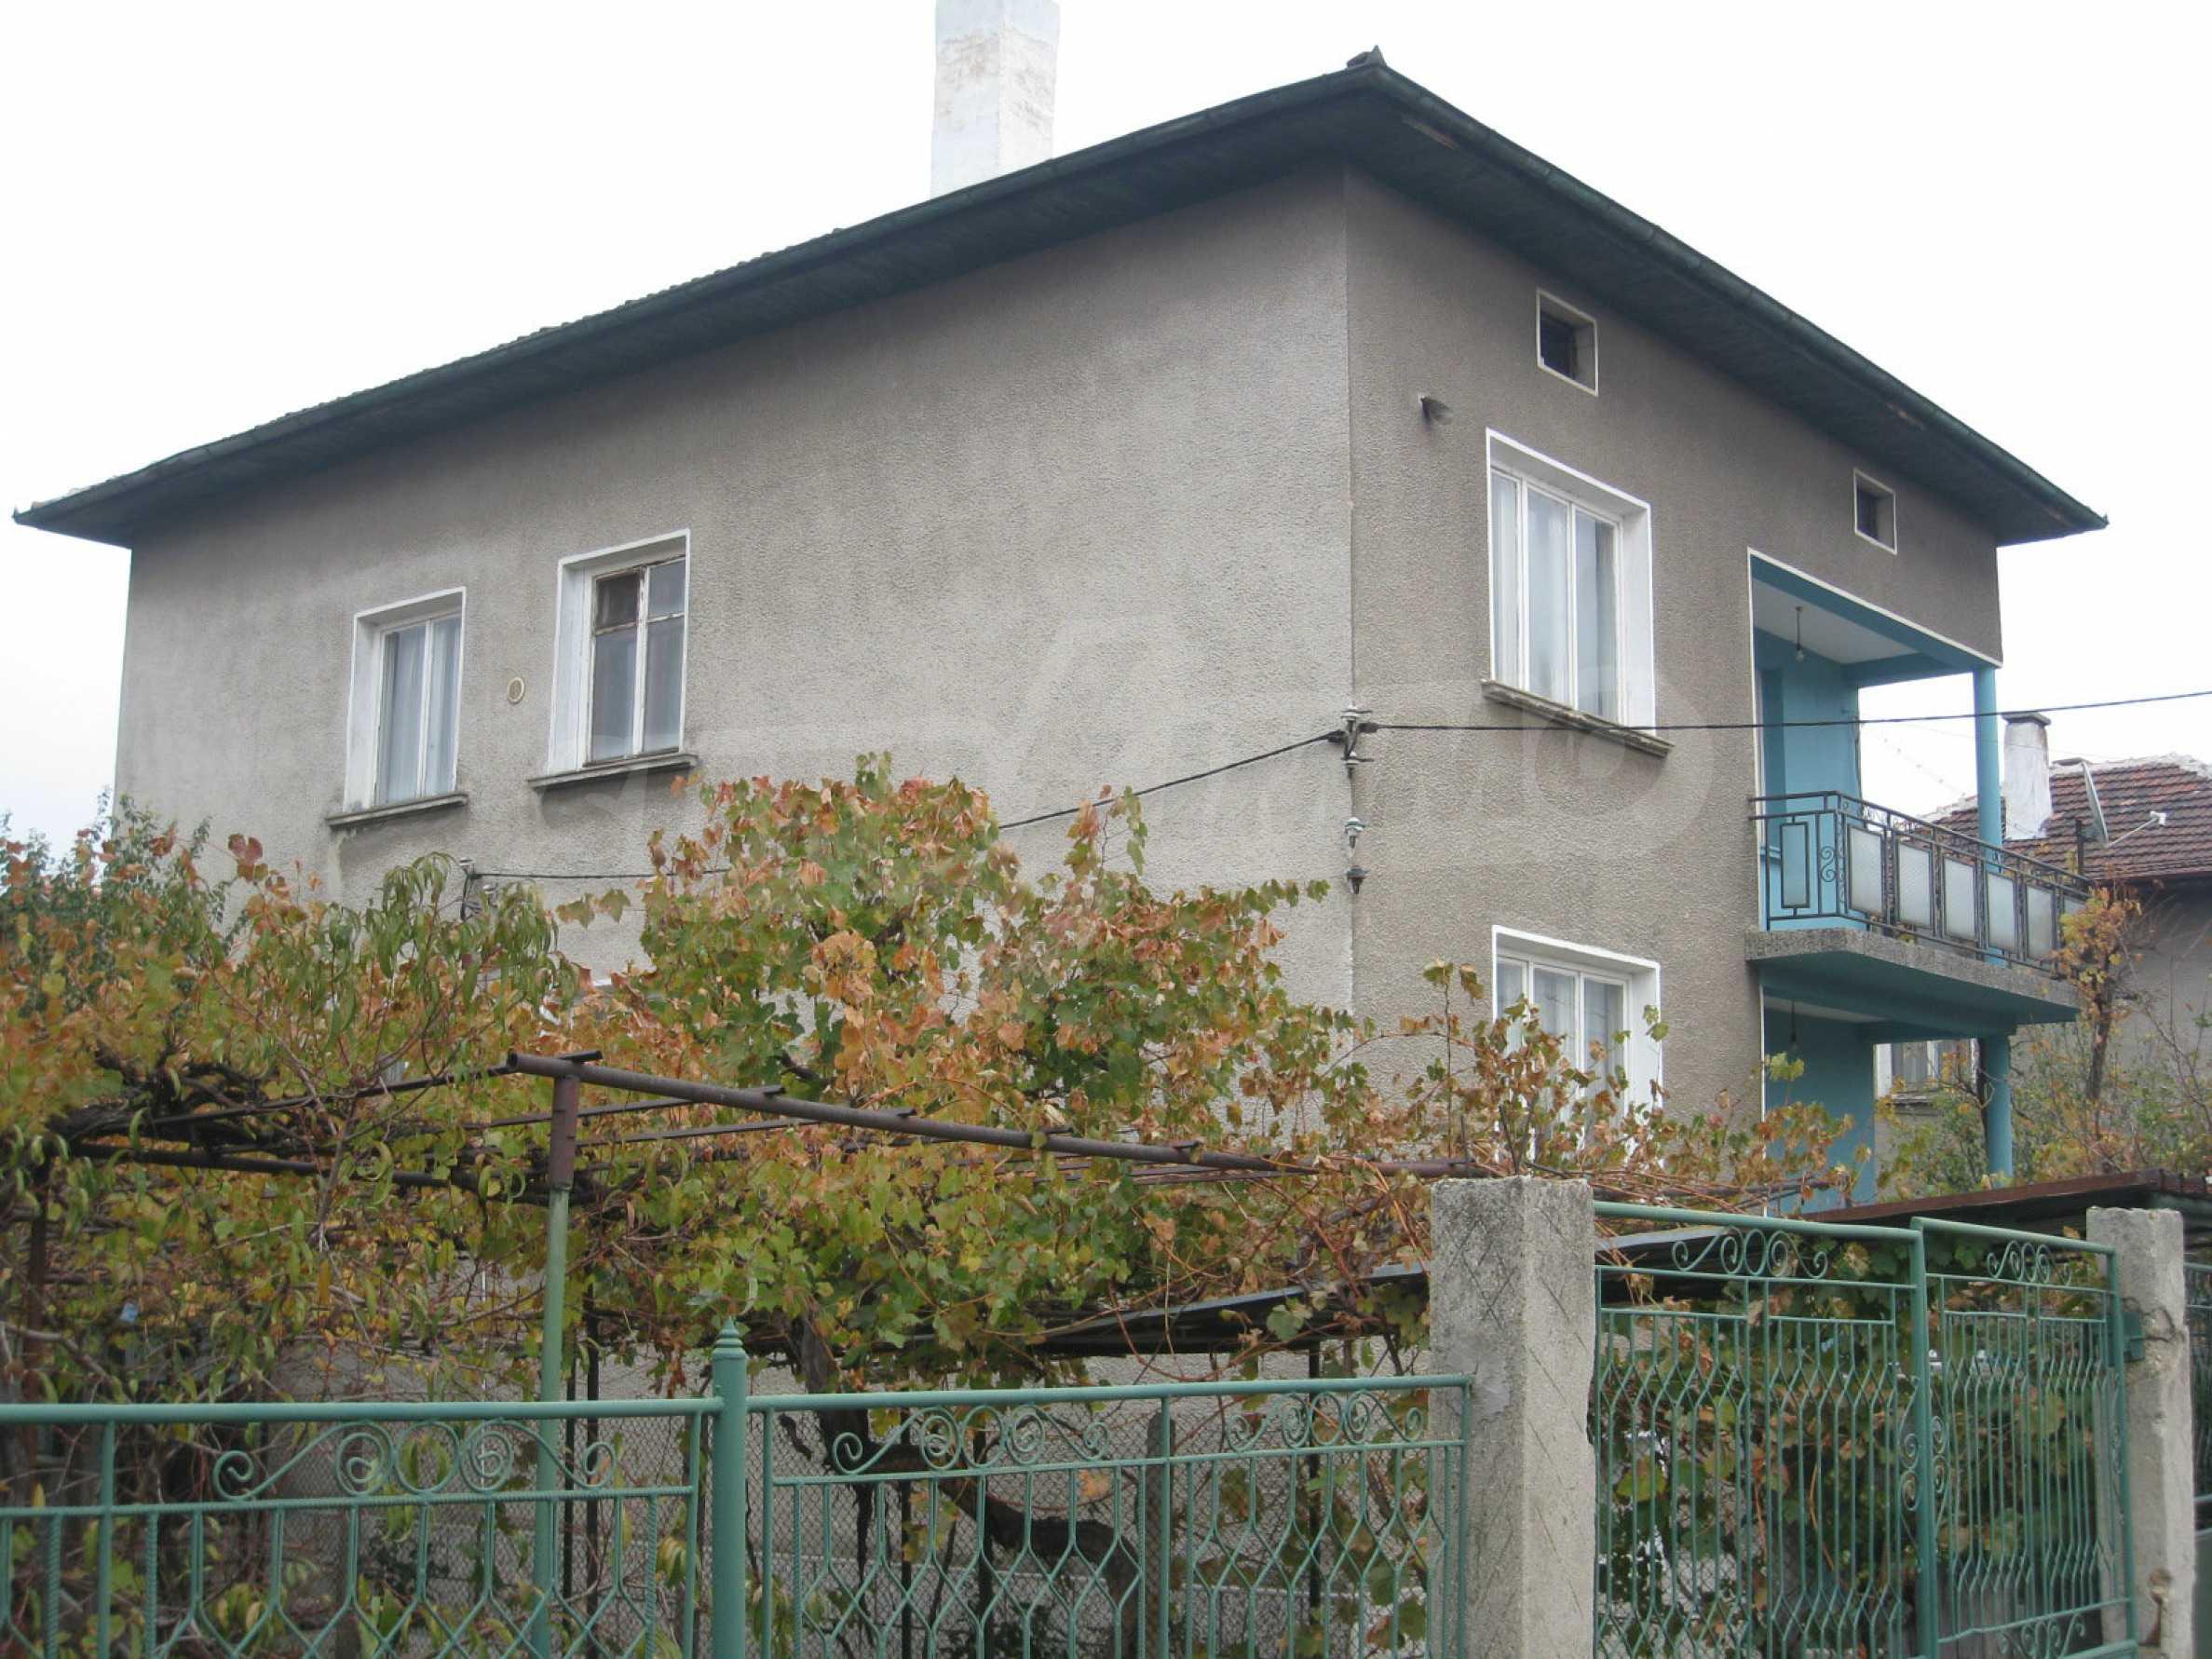 Großes zweistöckiges Haus mit Hof in einem Dorf in der Nähe von Sofia 67